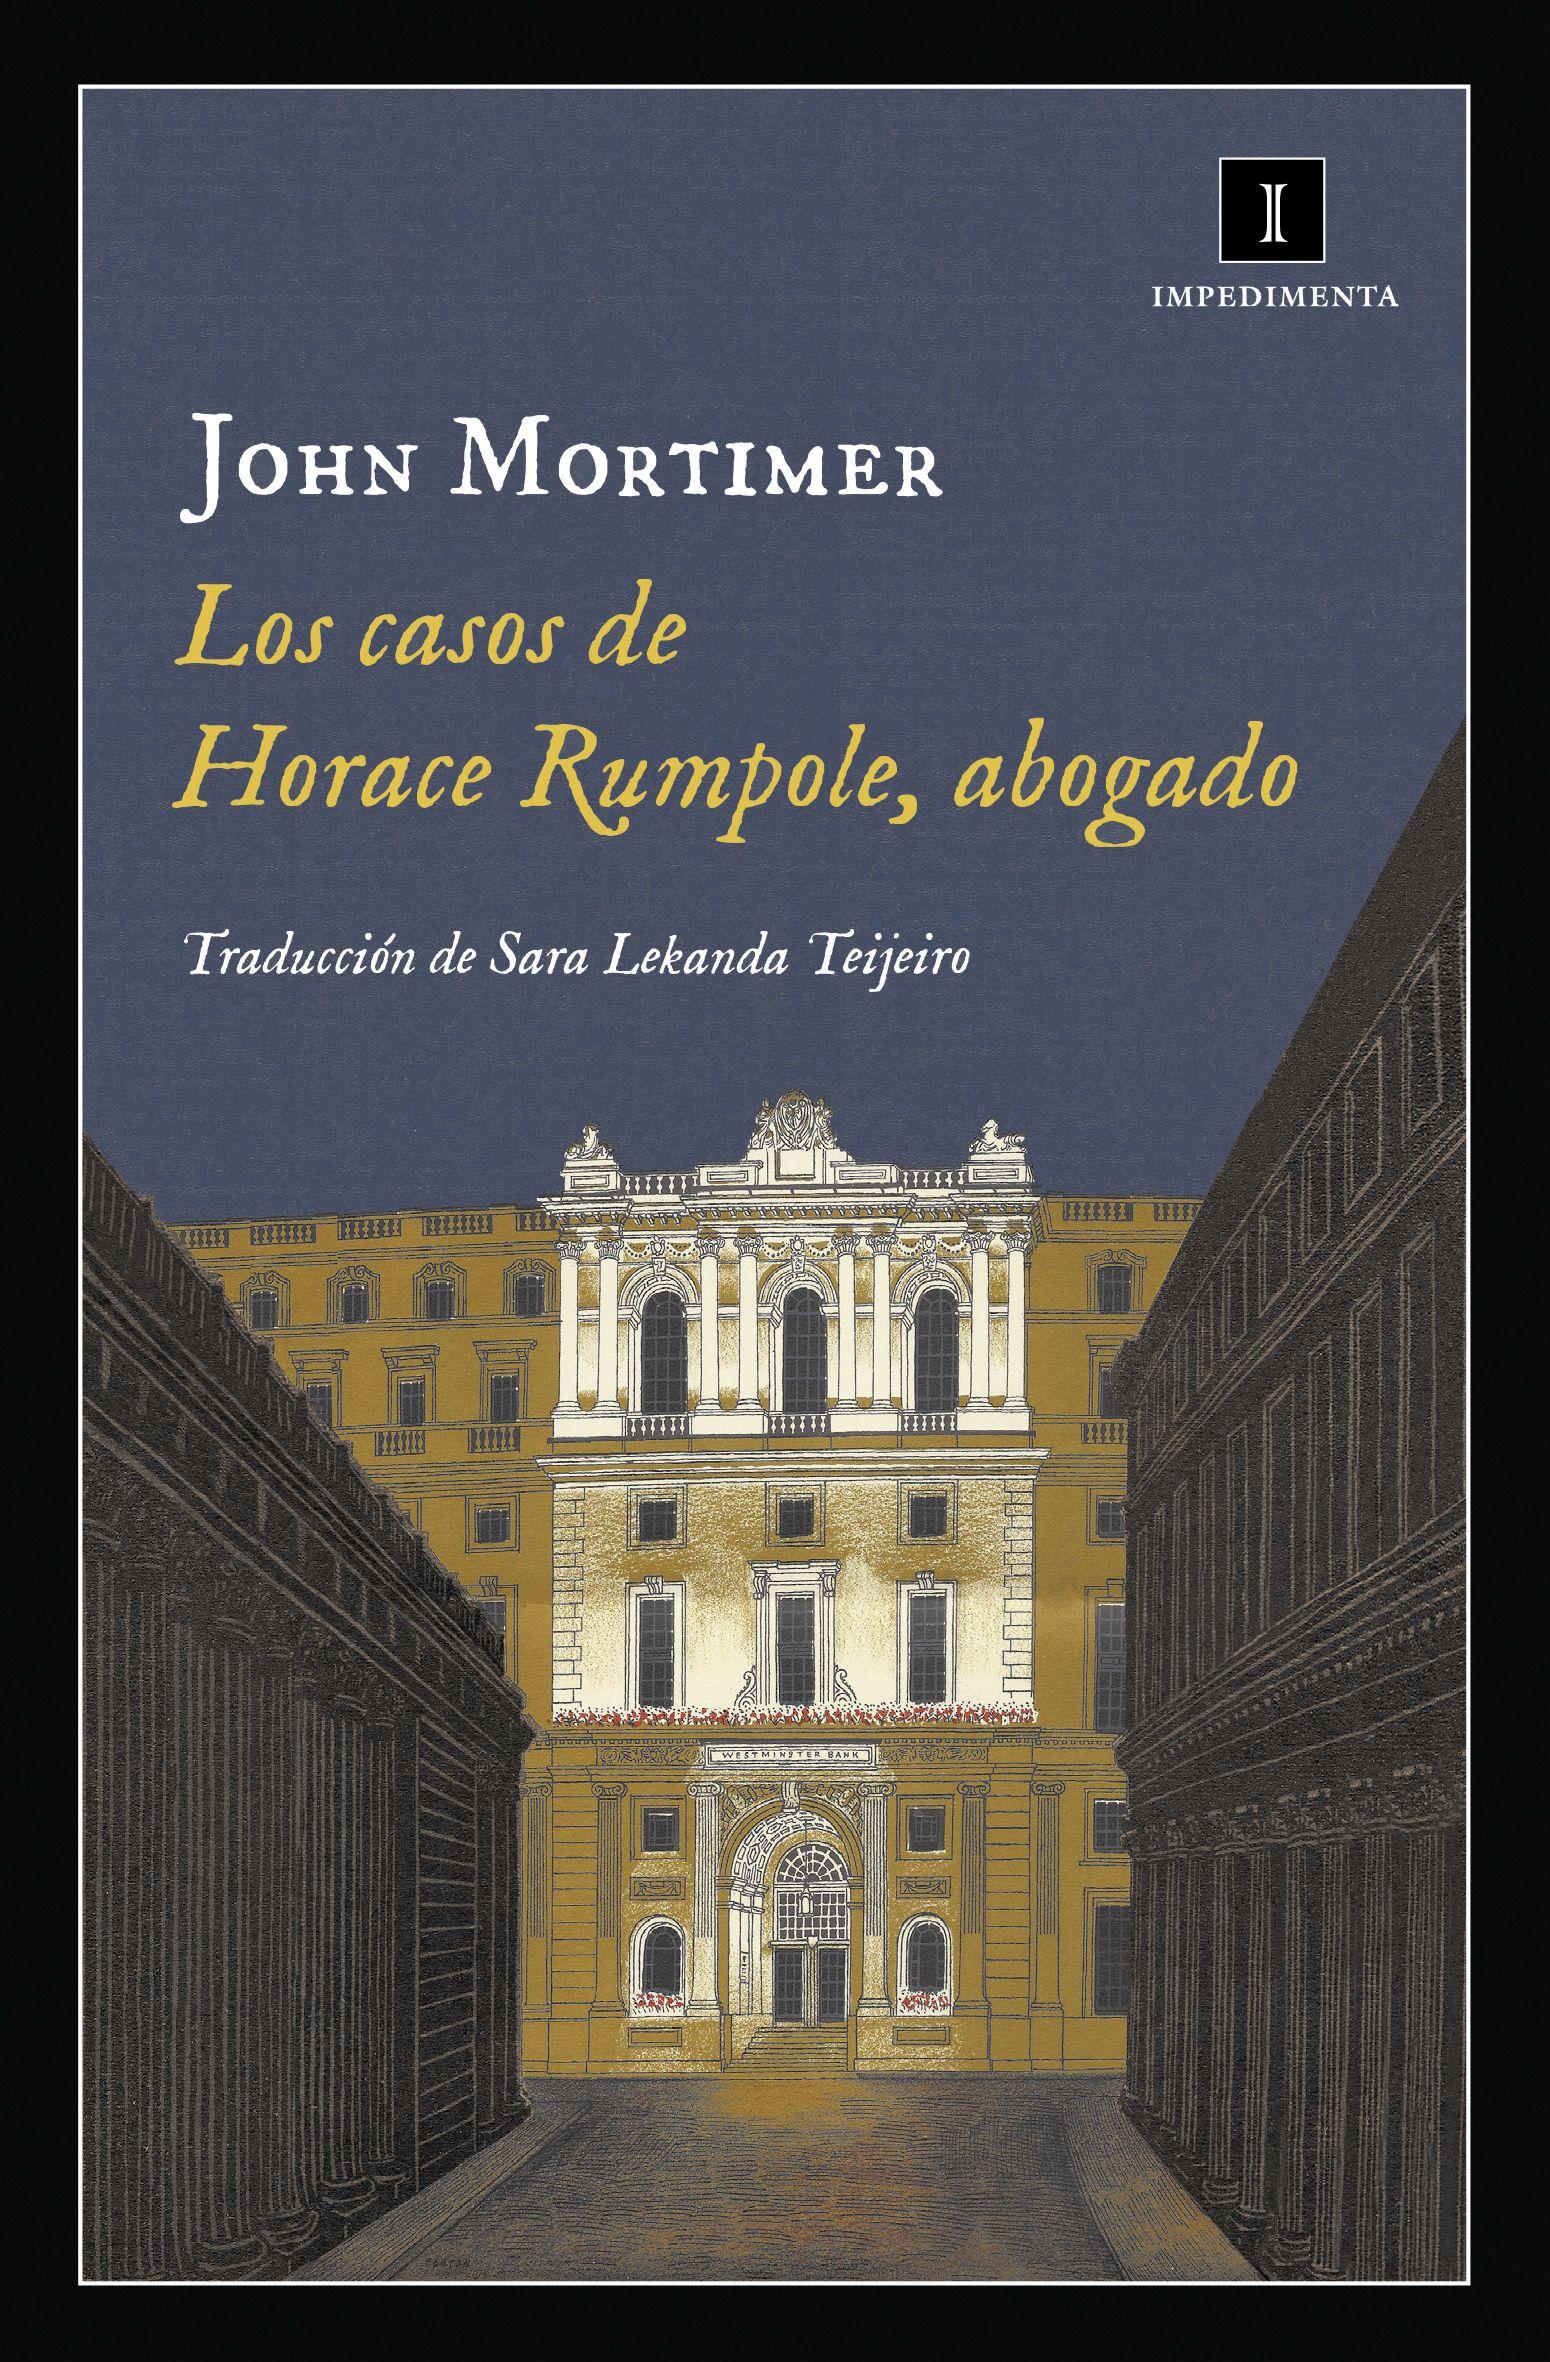 'Los casos de Horace Rumpole, abogado'